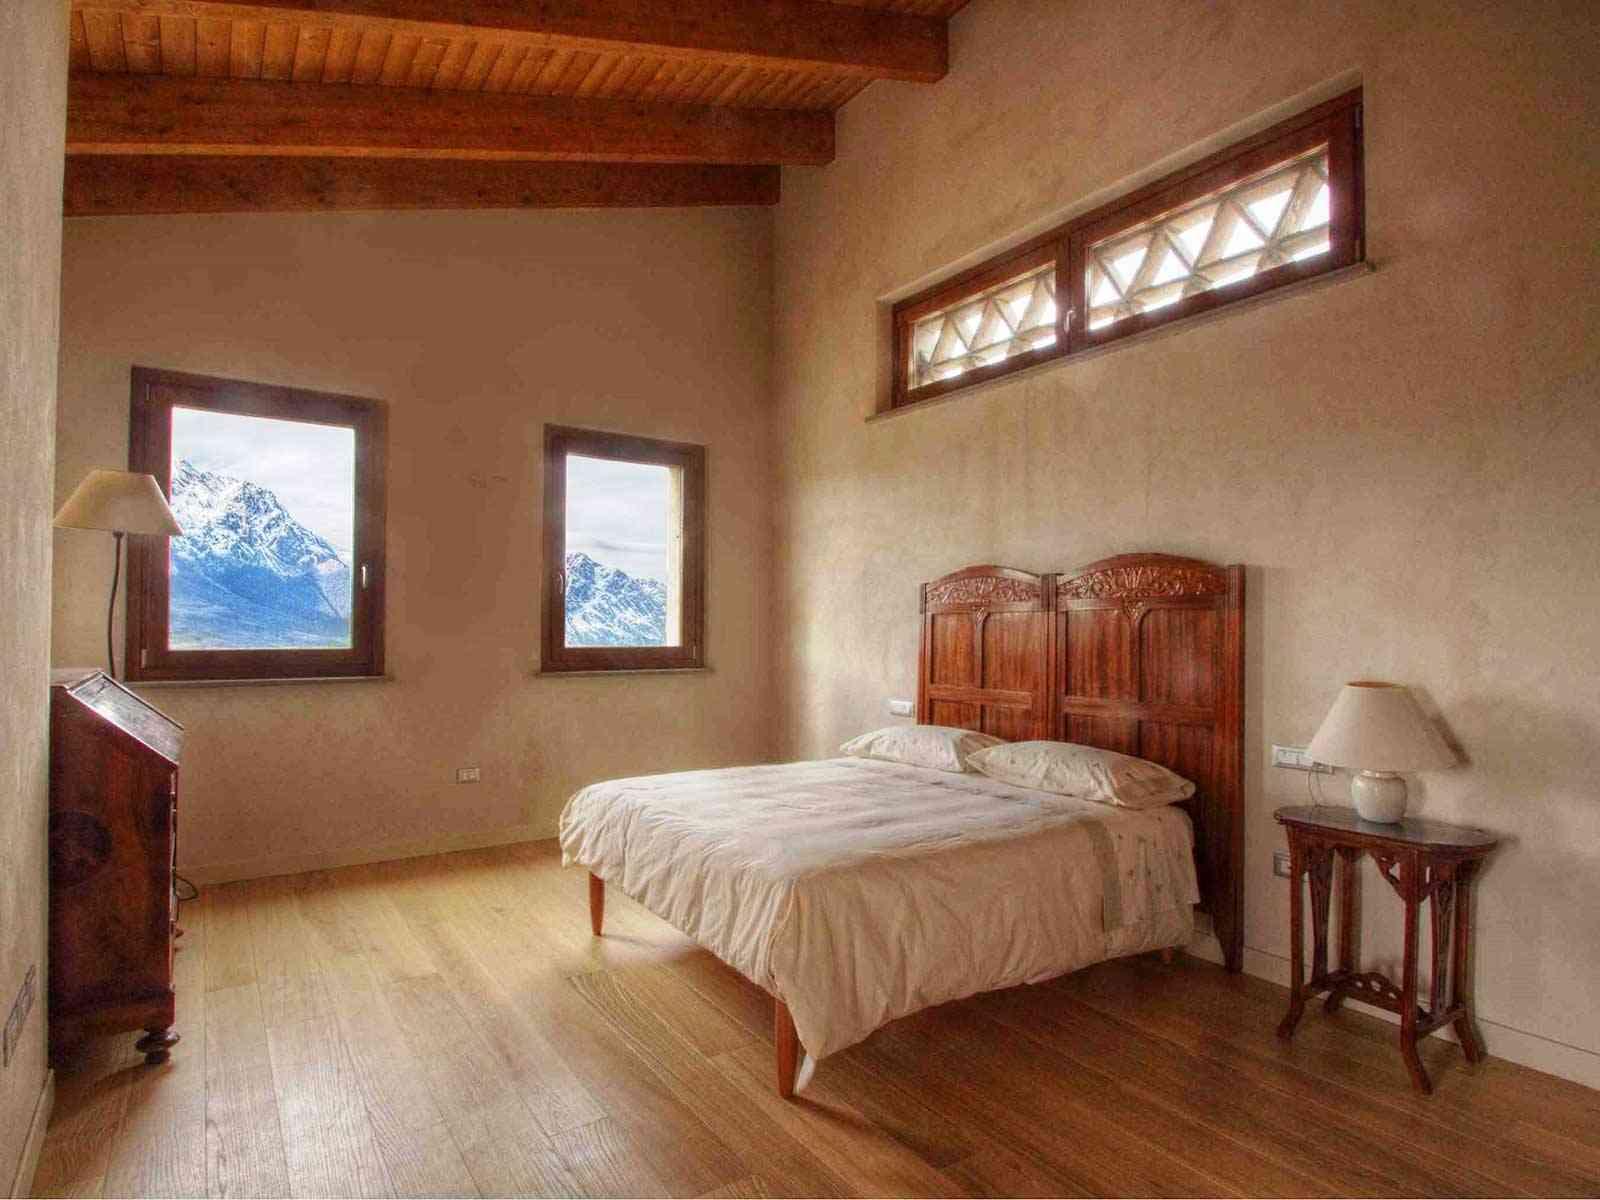 Casa di campagna Casa di campagna in vendita Penne (PE), Casa Cignale - Penne - EUR 0 100